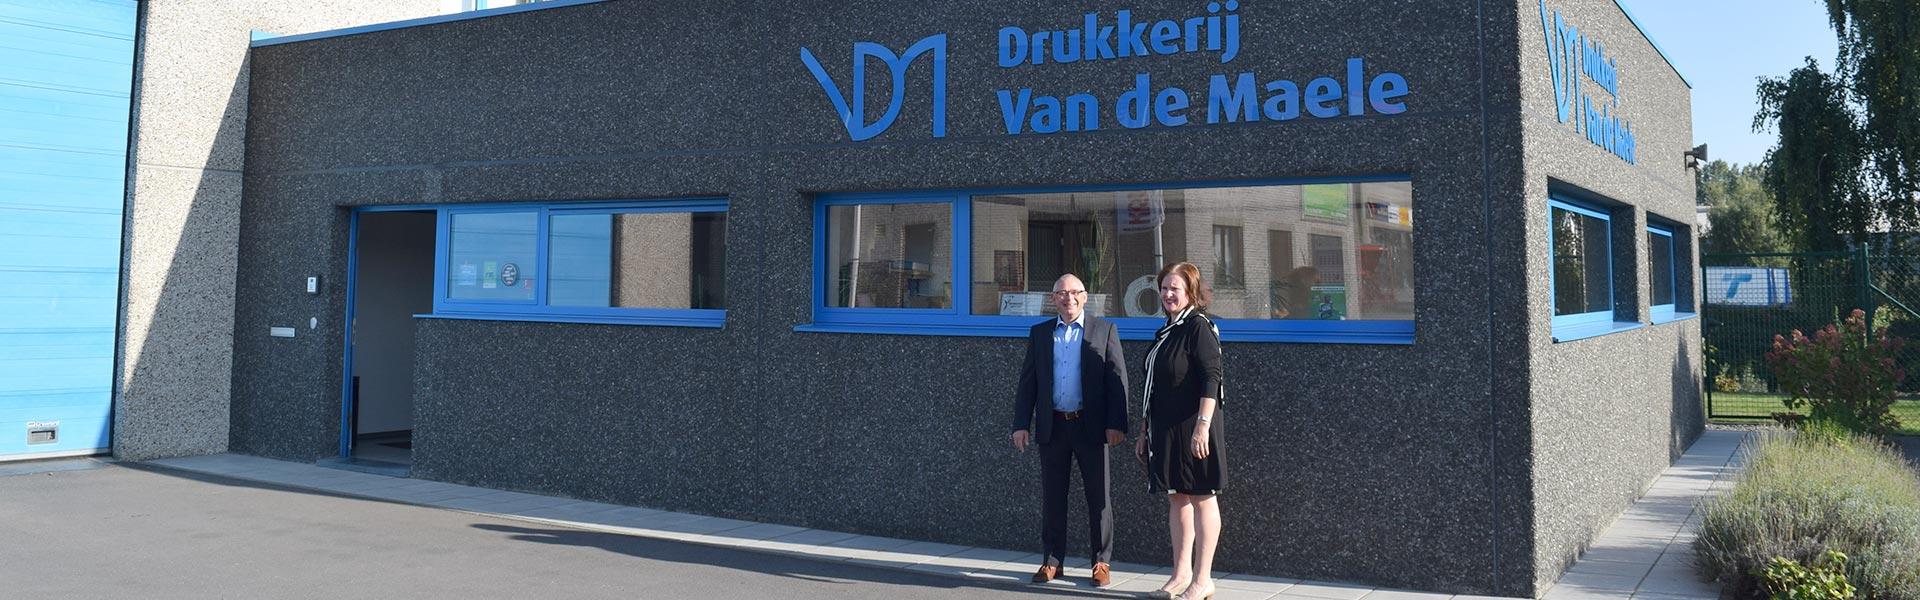 Drukkerij Van De Maele Contact Header Geraardsbergen